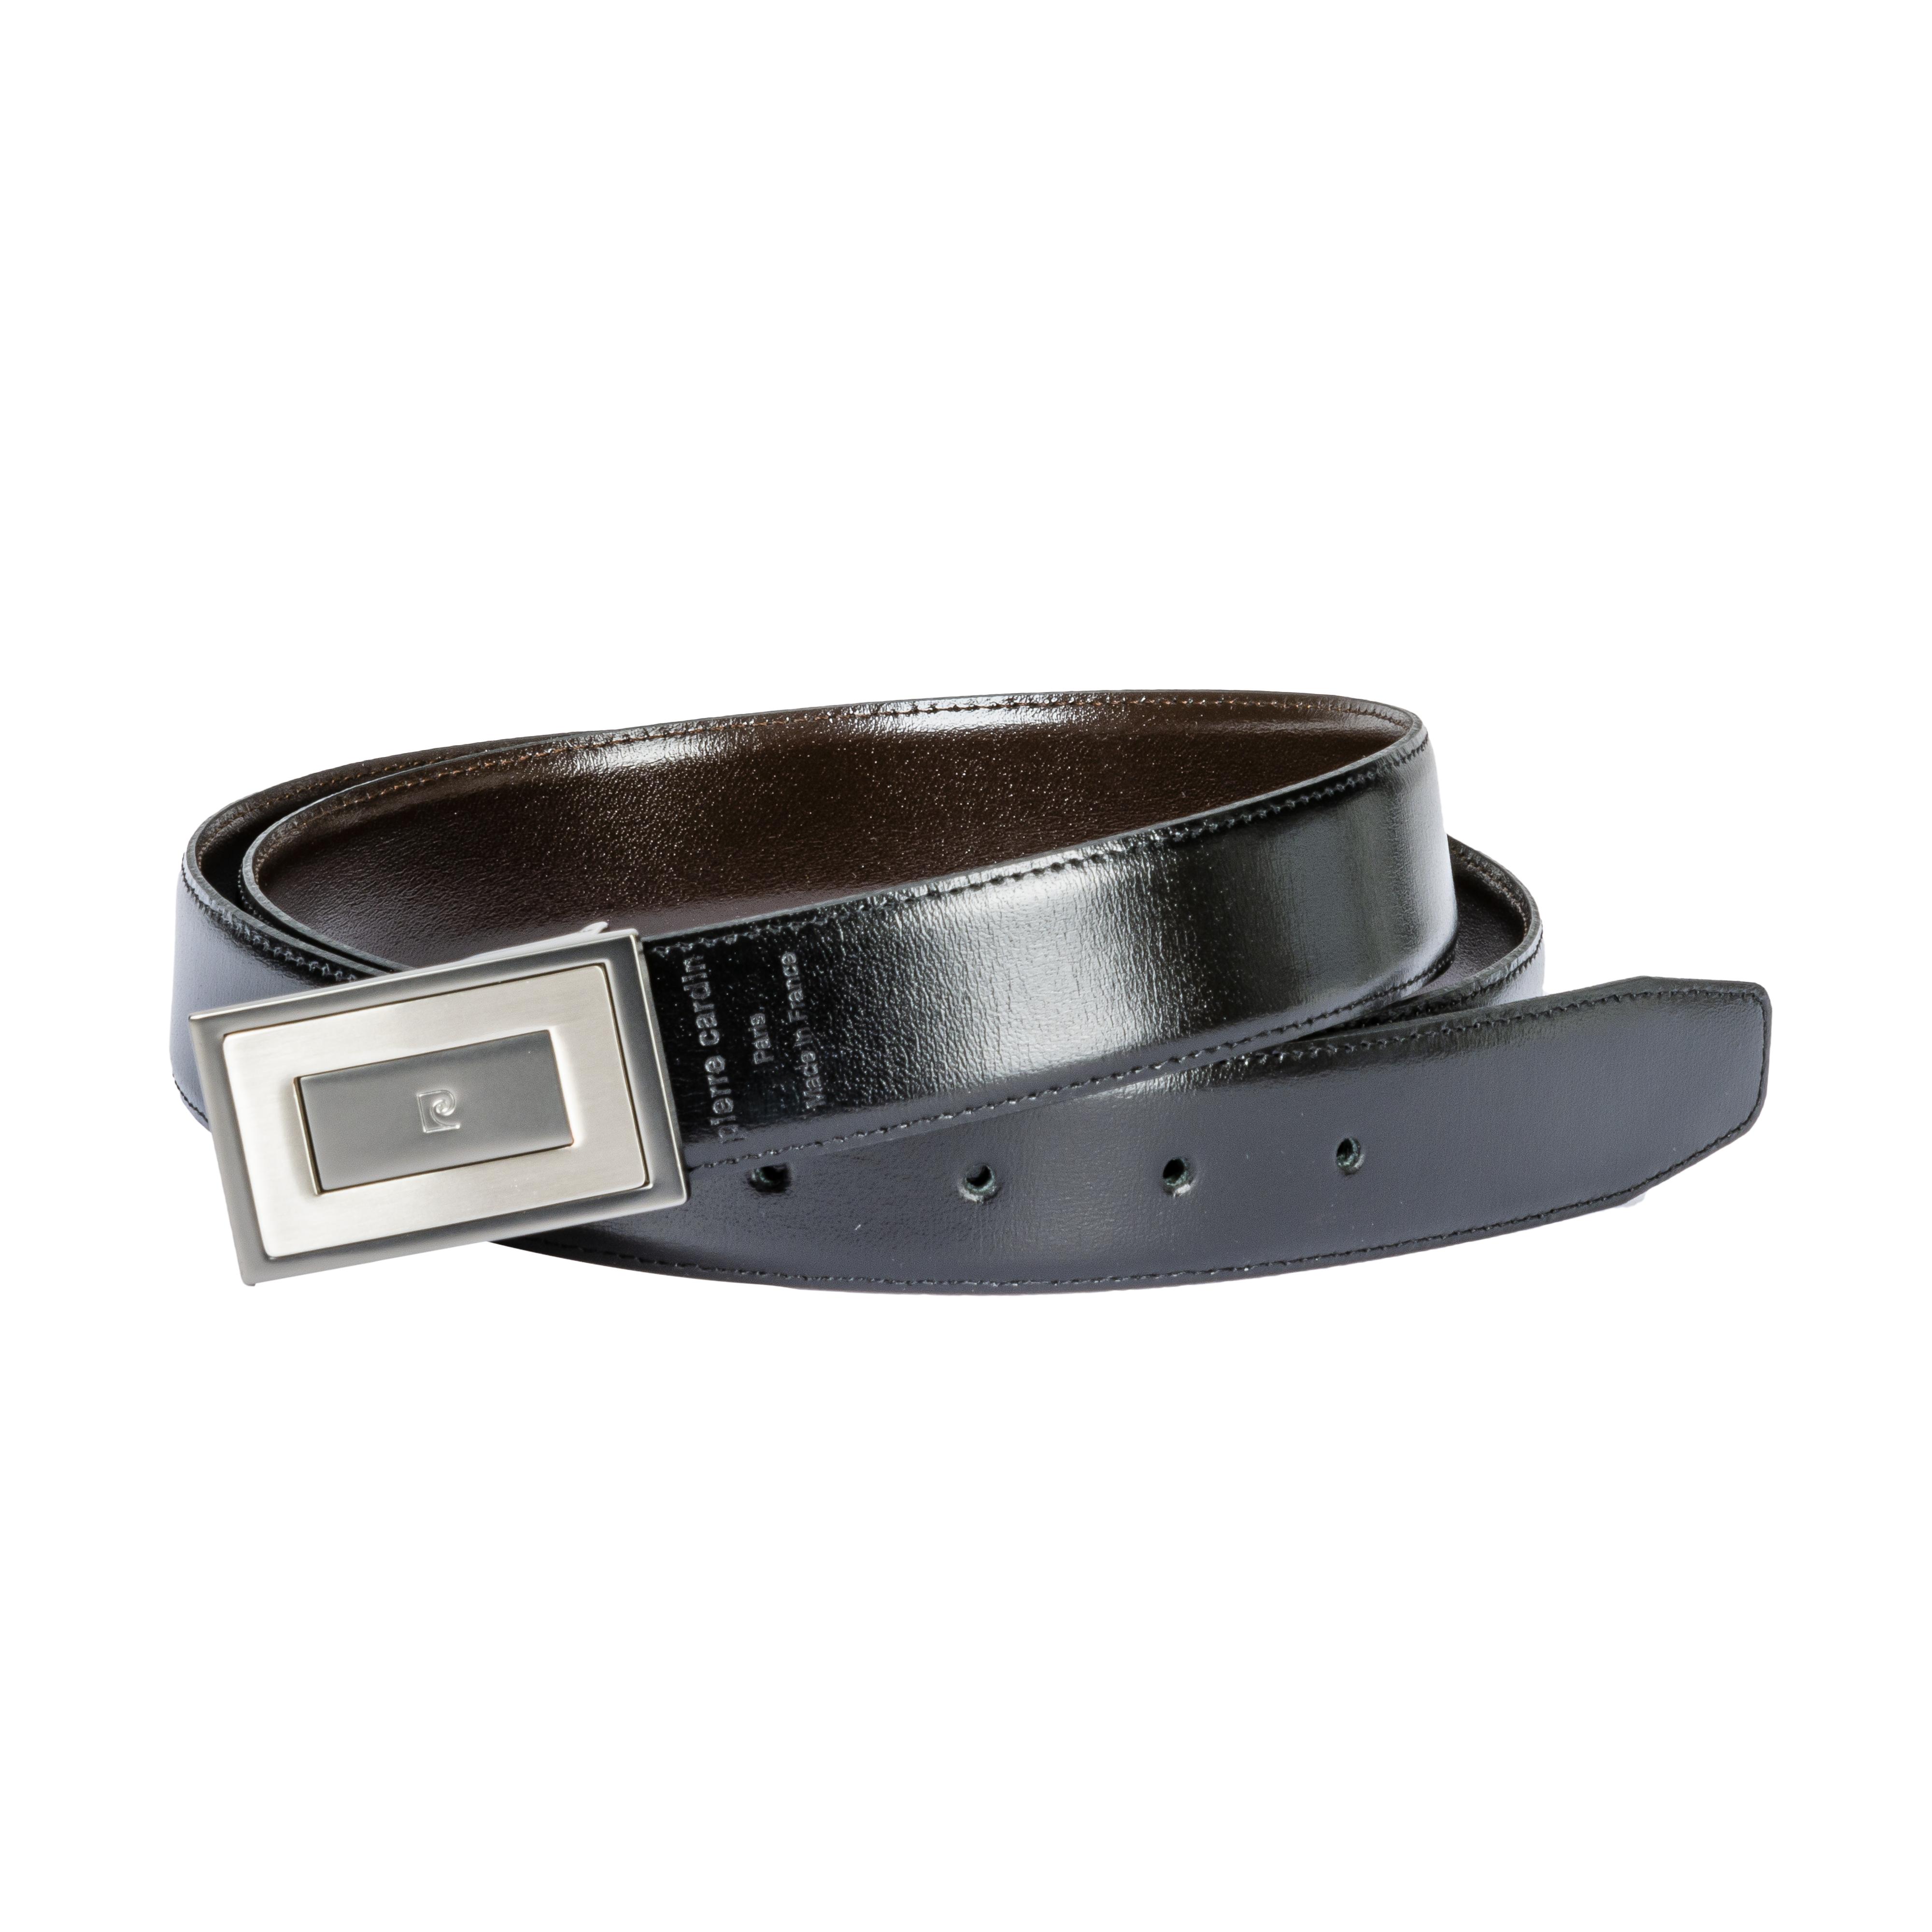 Coffret cadeau pierre cardin : ceinture en cuir noir réversible et ajustable à boucles interchangeables